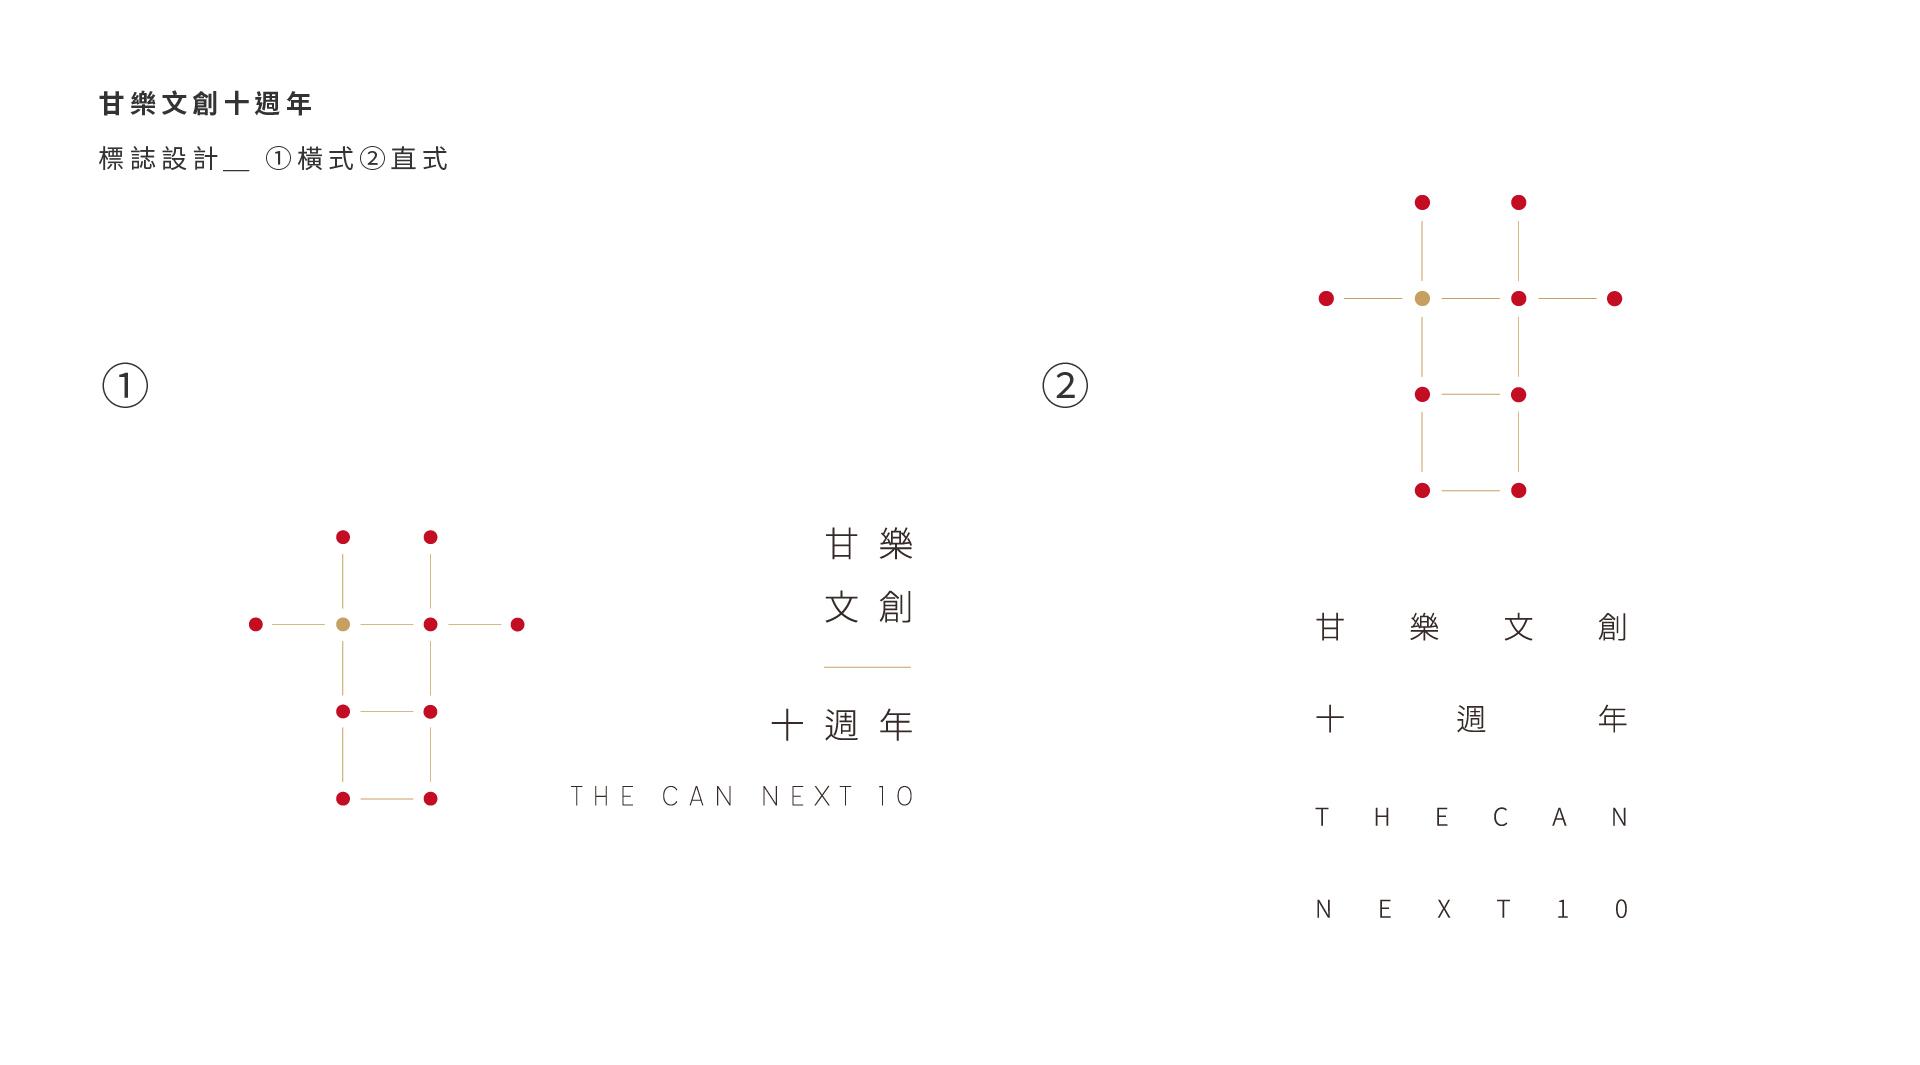 甘樂十年創-01.jpg